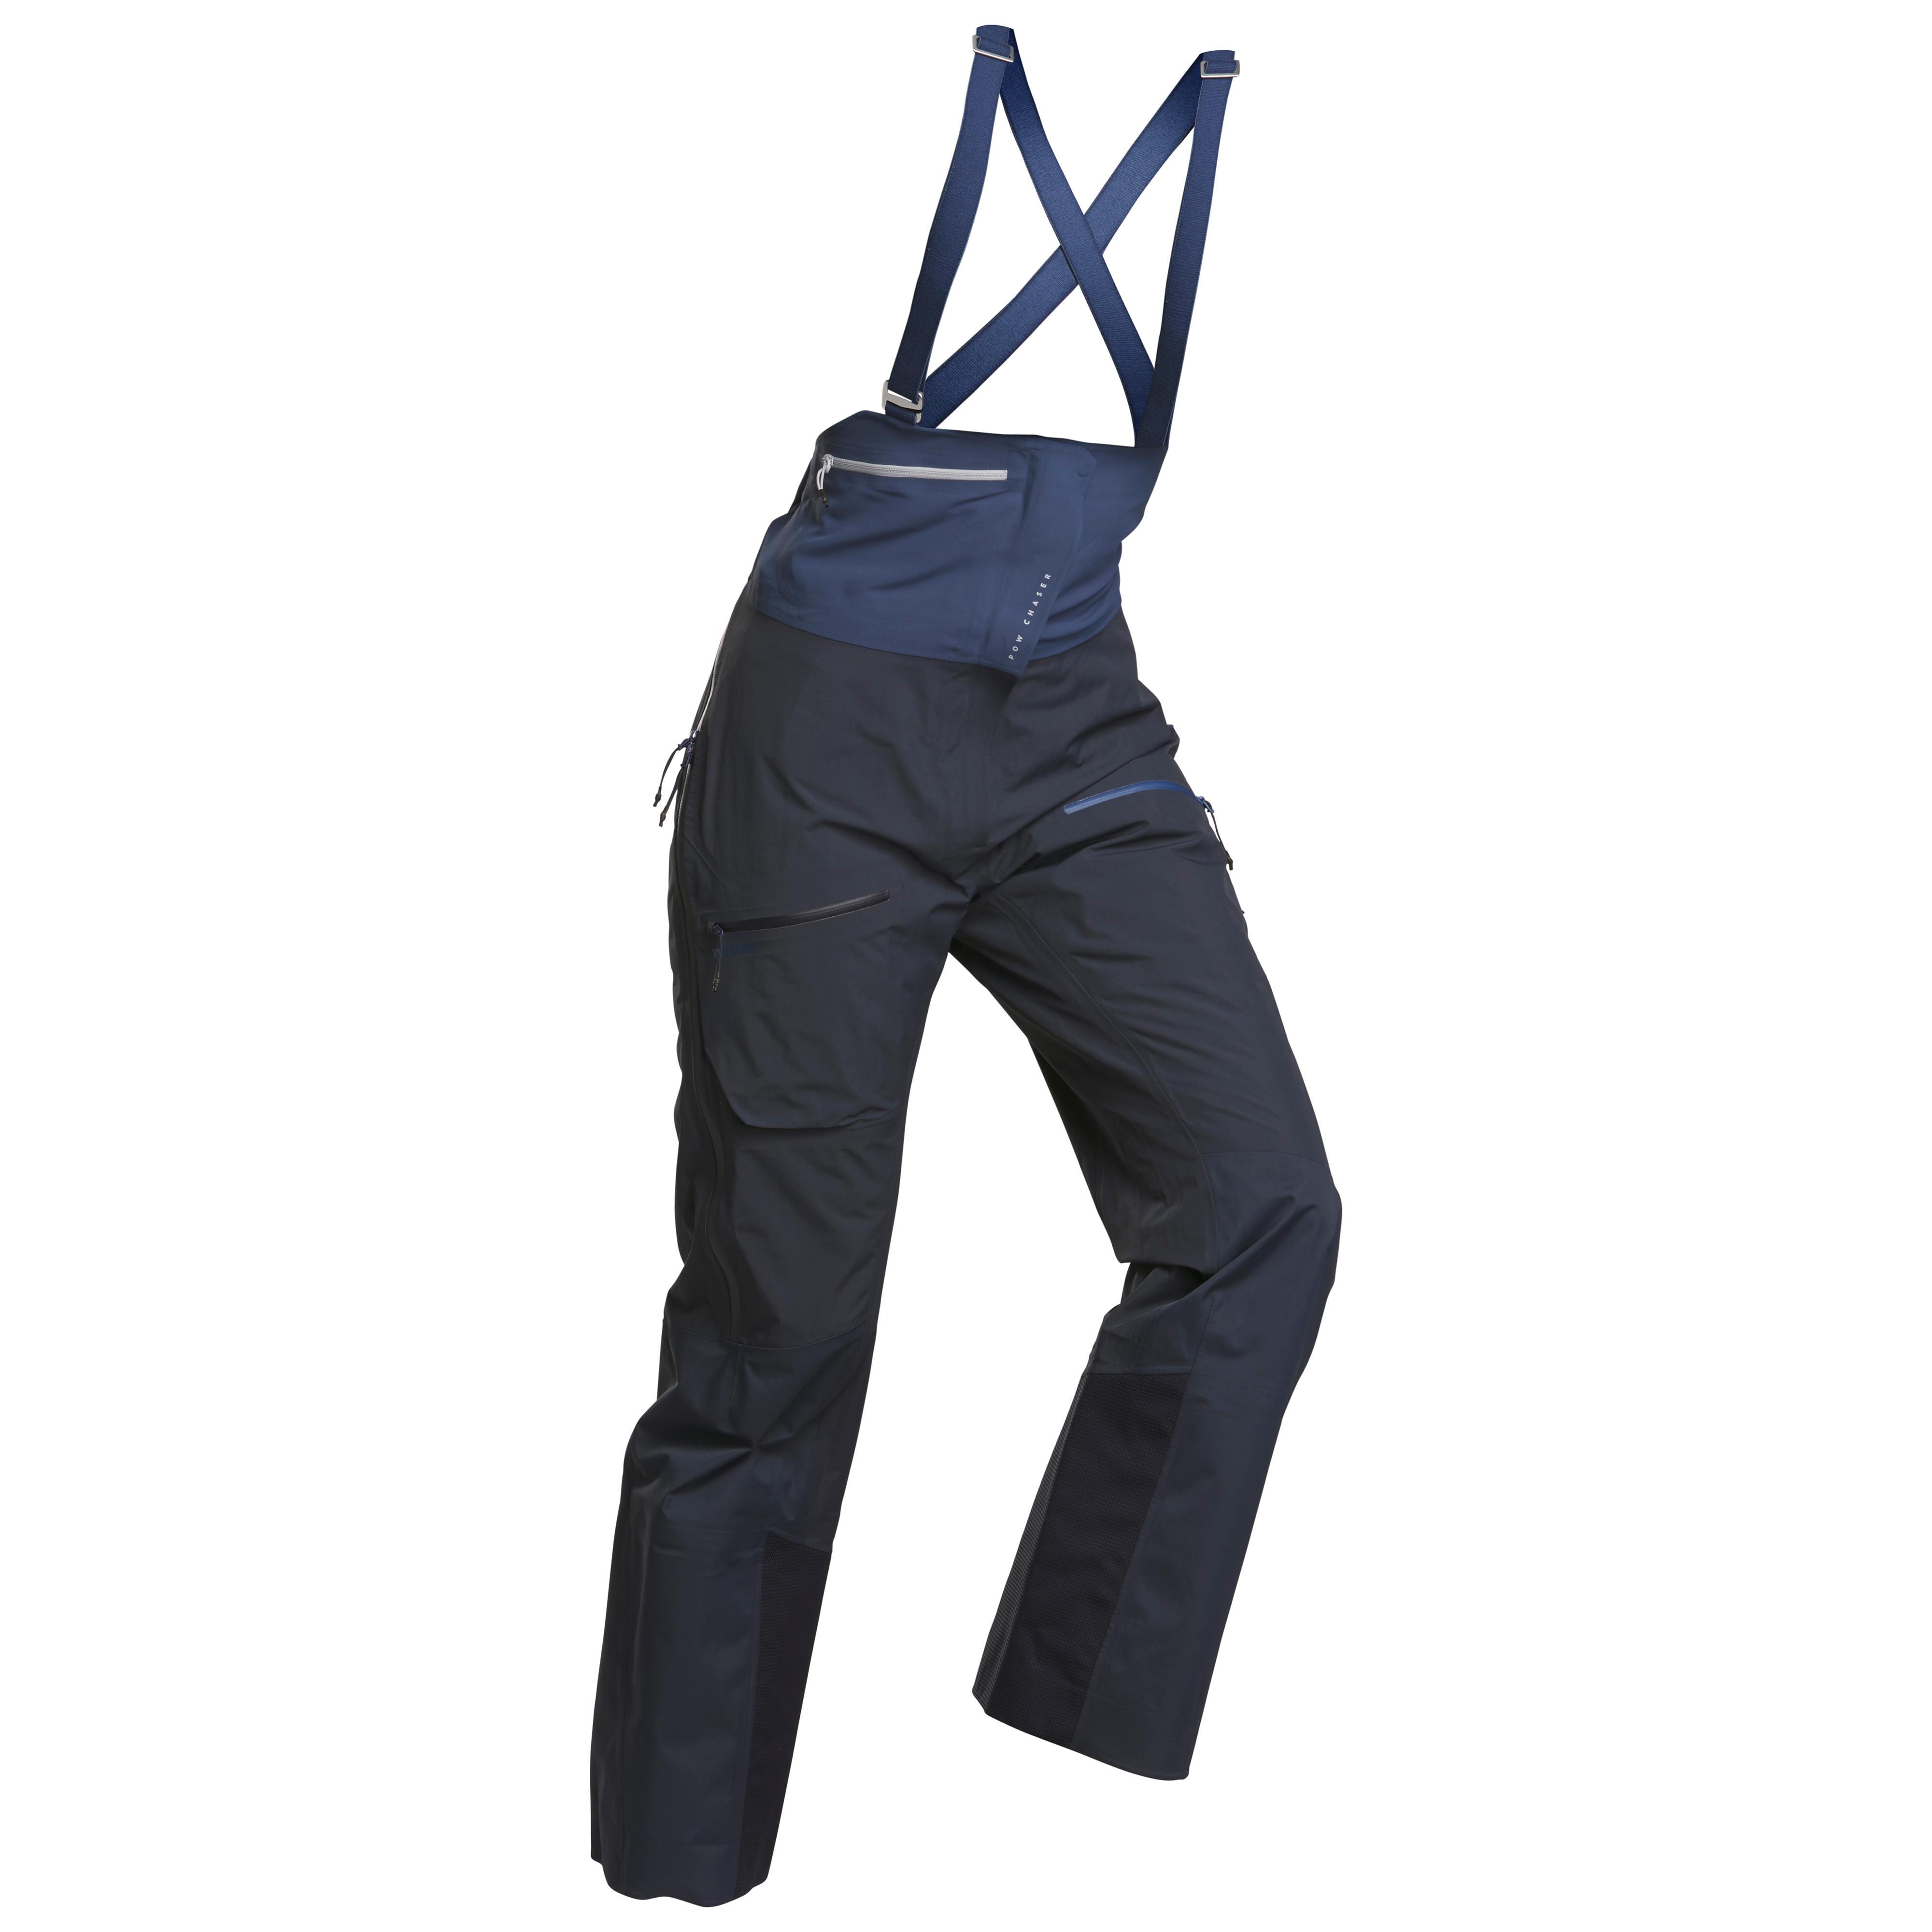 Pantalones De Esqui Y Nieve Para Mujer Online Decathlon